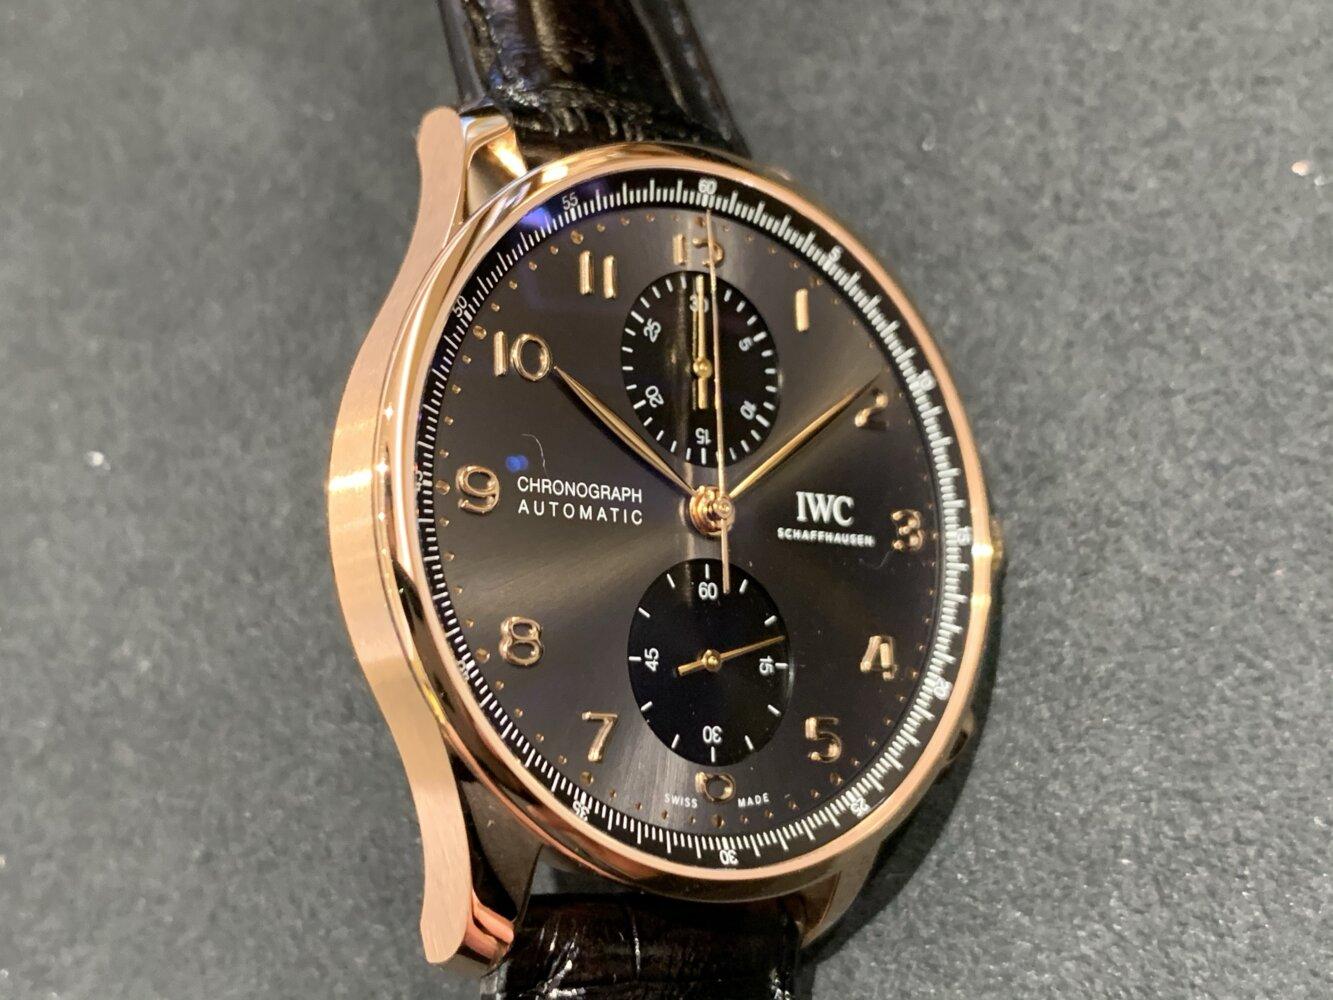 IWC / 新型ポルトギーゼ・クロノグラフ 18Kレッドゴールドモデルもマイナーチェンジ。-IWC -img_7228